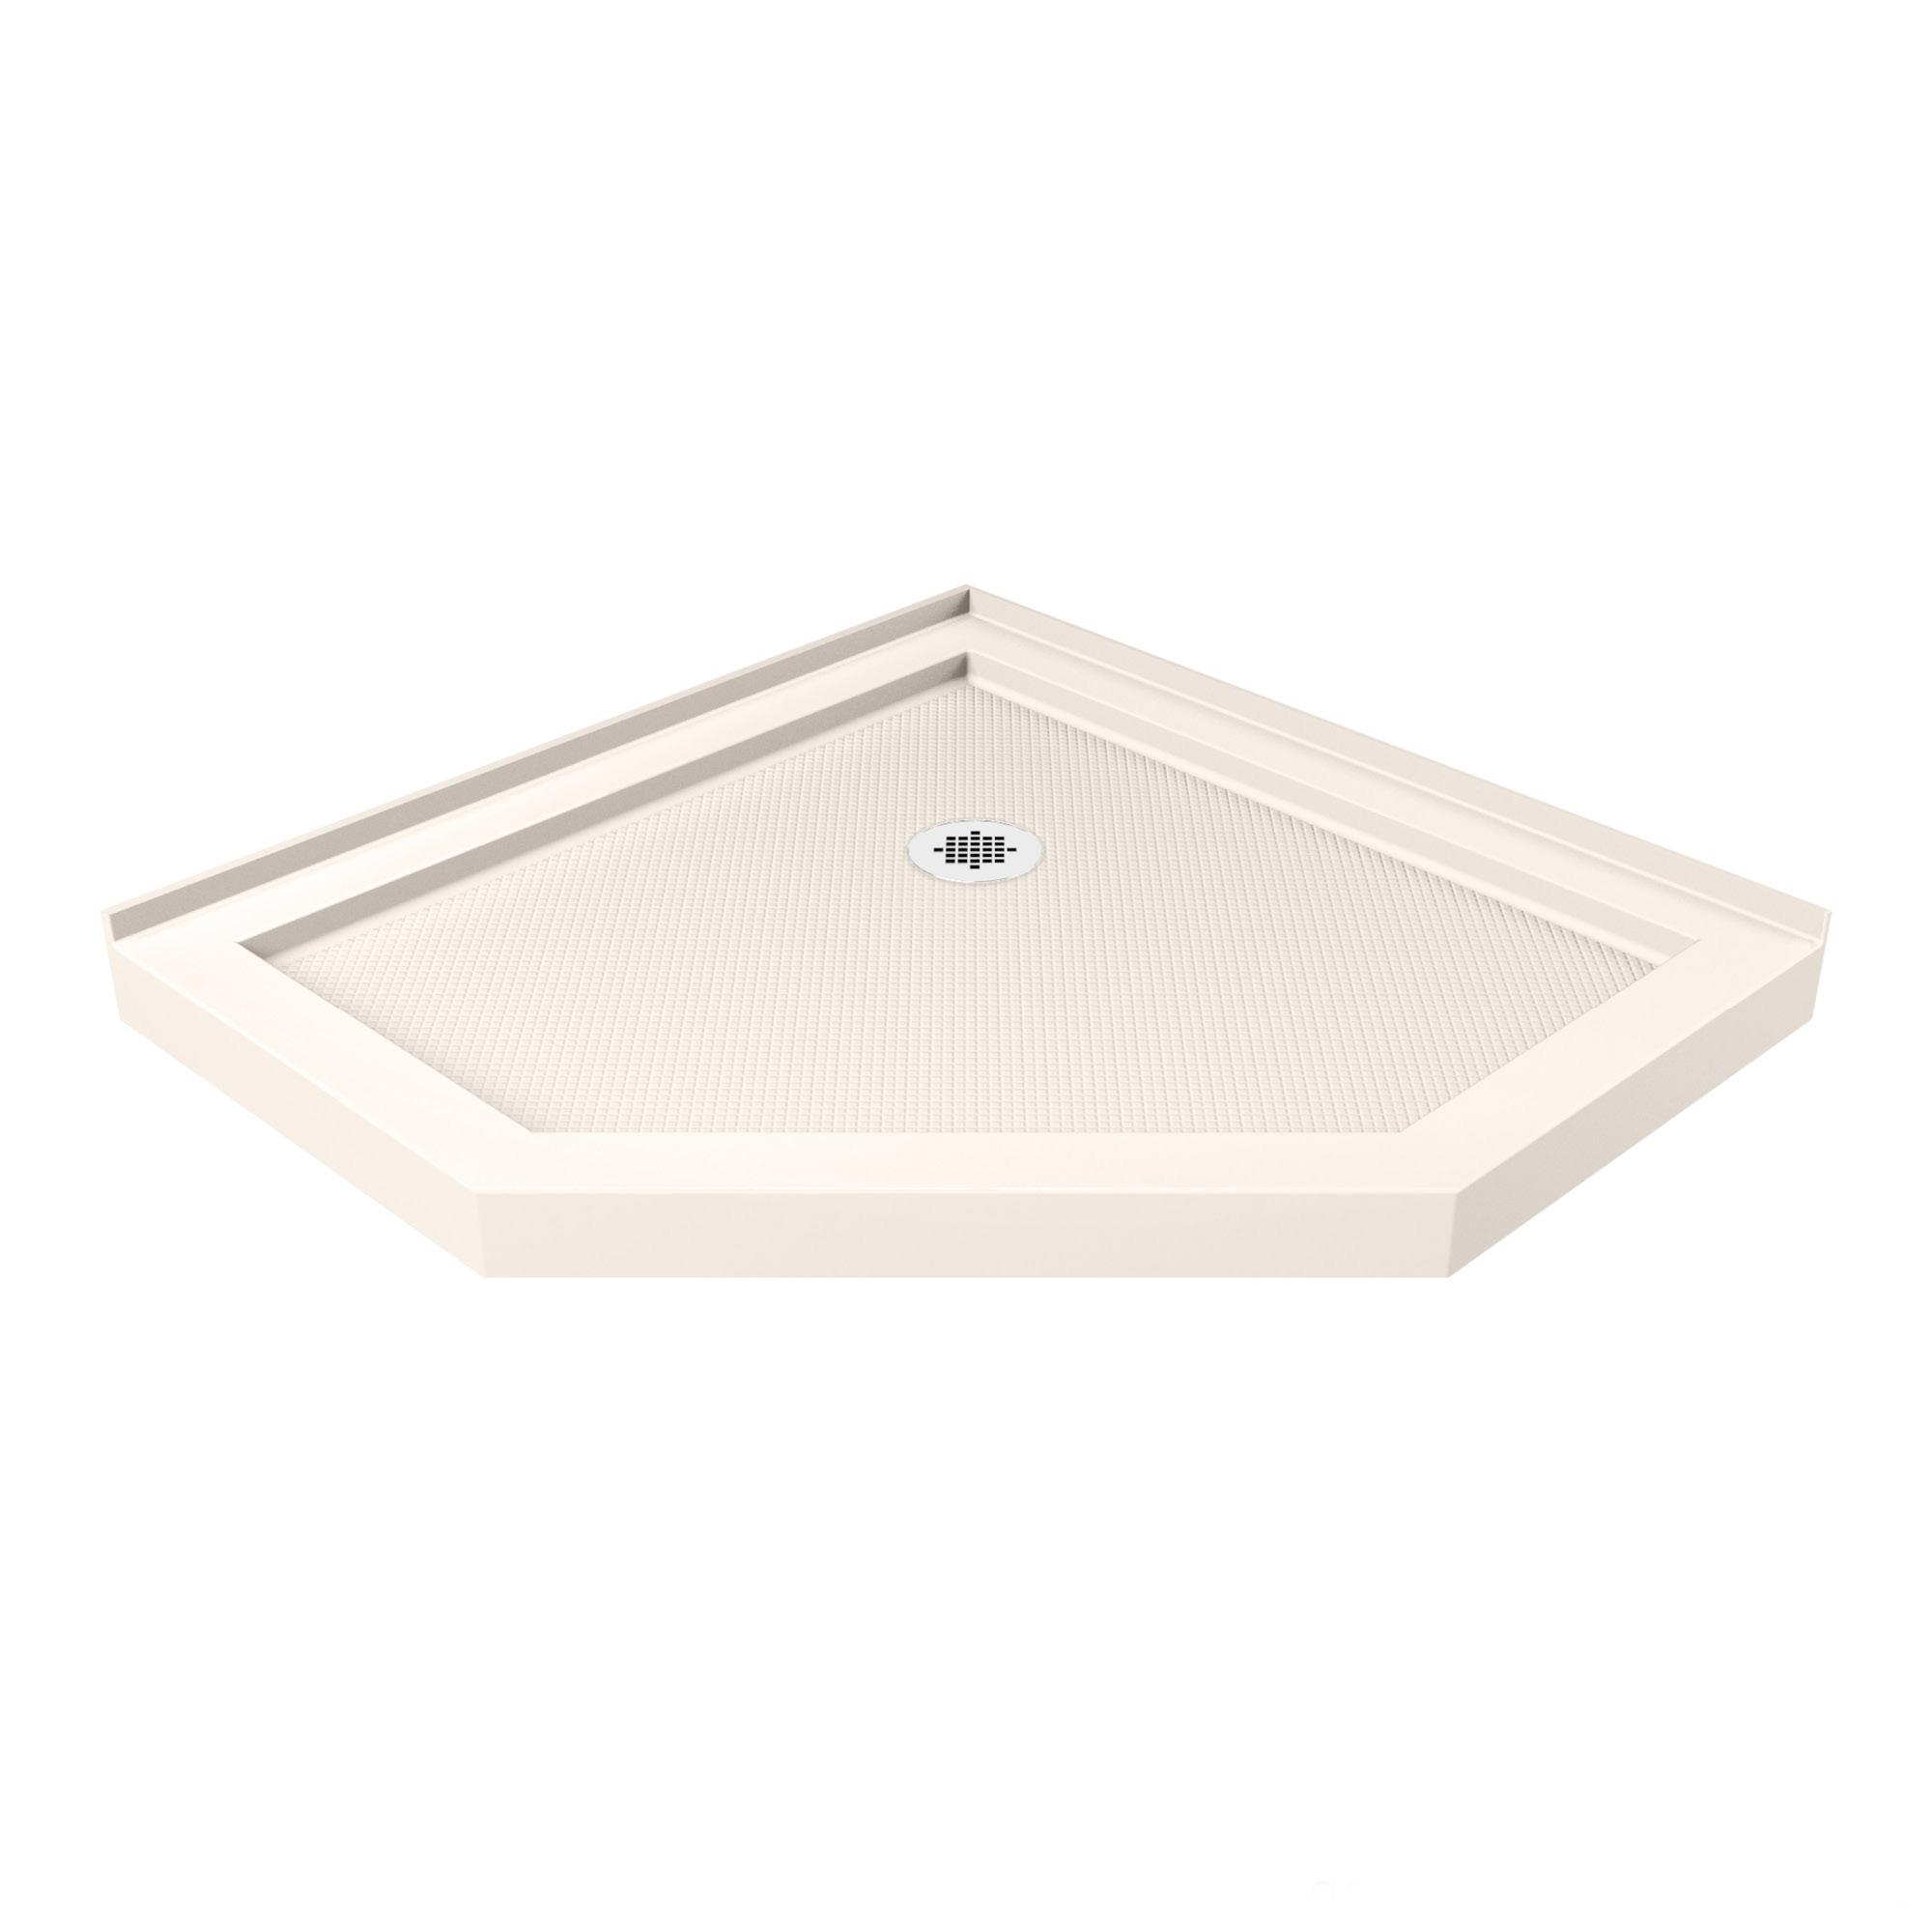 DreamLine SlimLine 36 in. D x 36 in. W x 2 3/4 in. H Corner Drain Neo-Angle Shower Base in White